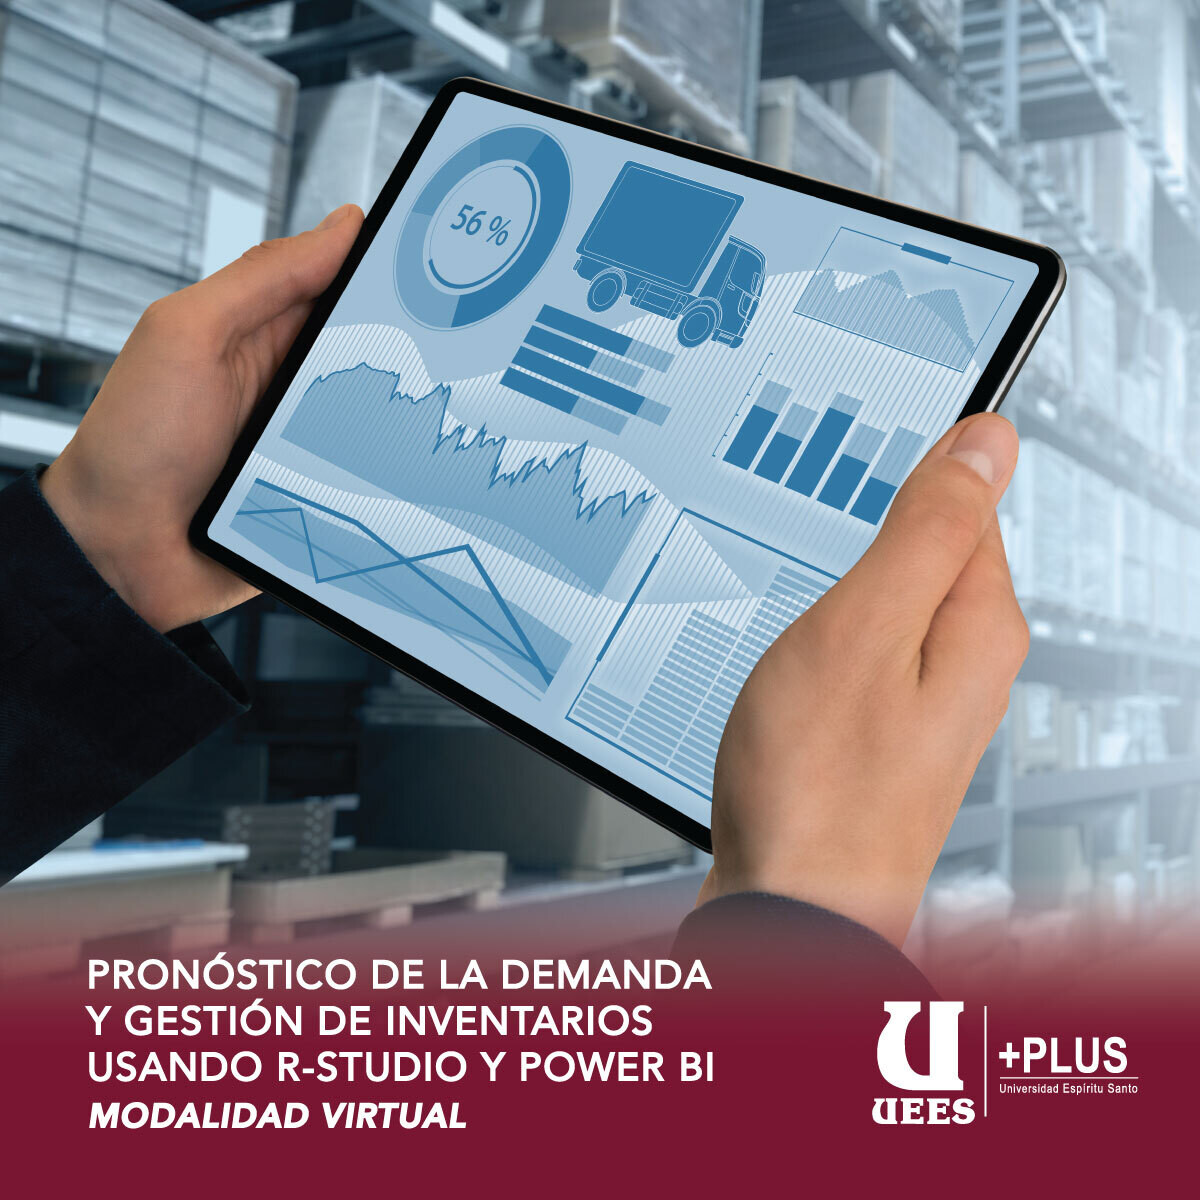 Pronóstico de la Demanda y Gestión de Inventarios usando R-Studio y Power BI